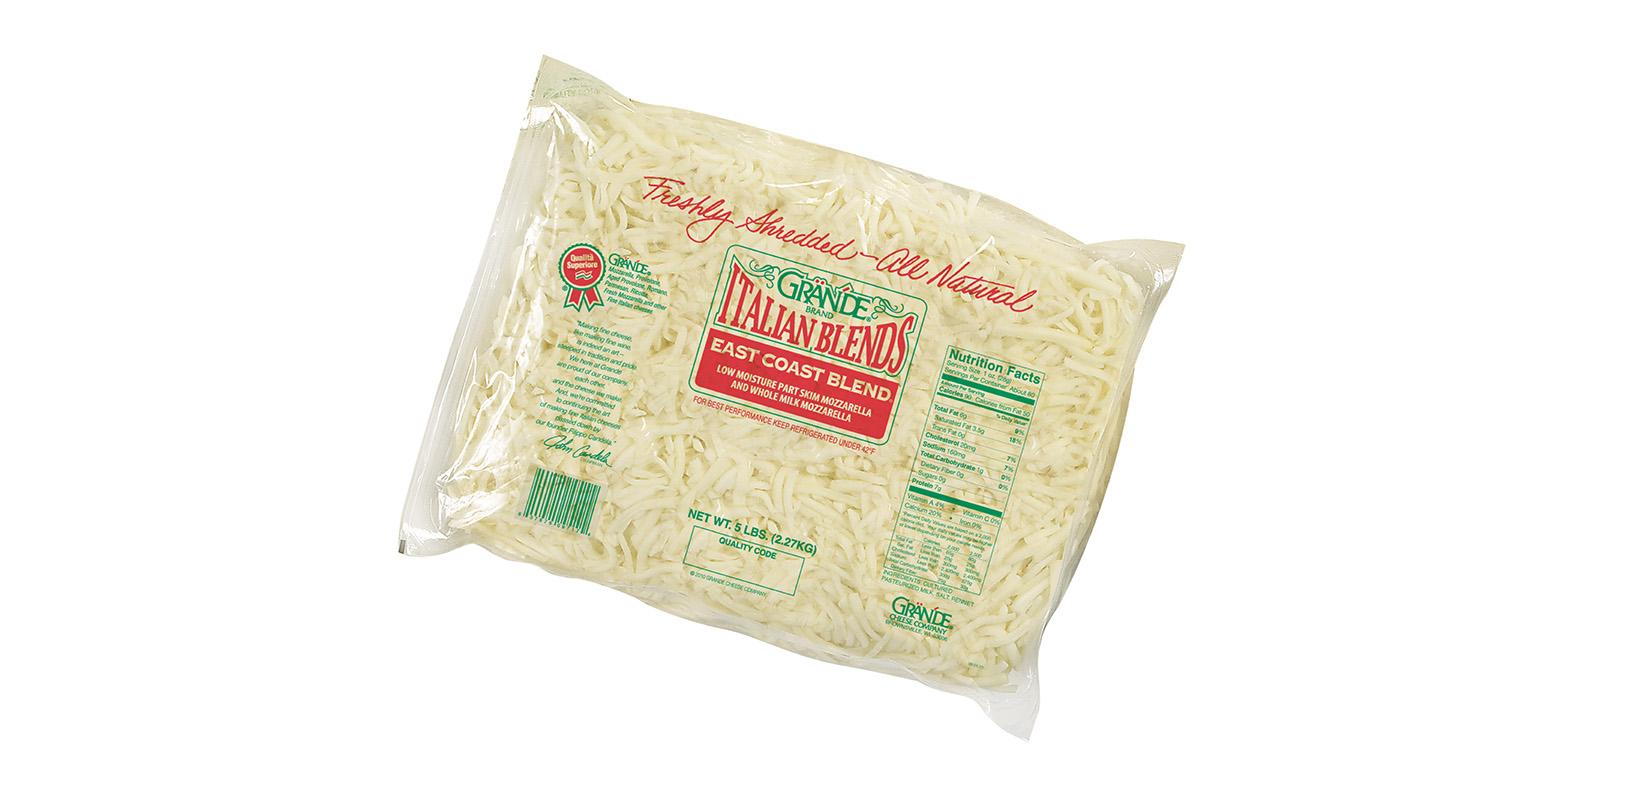 Grande East Coast Blend Cheese Shredded